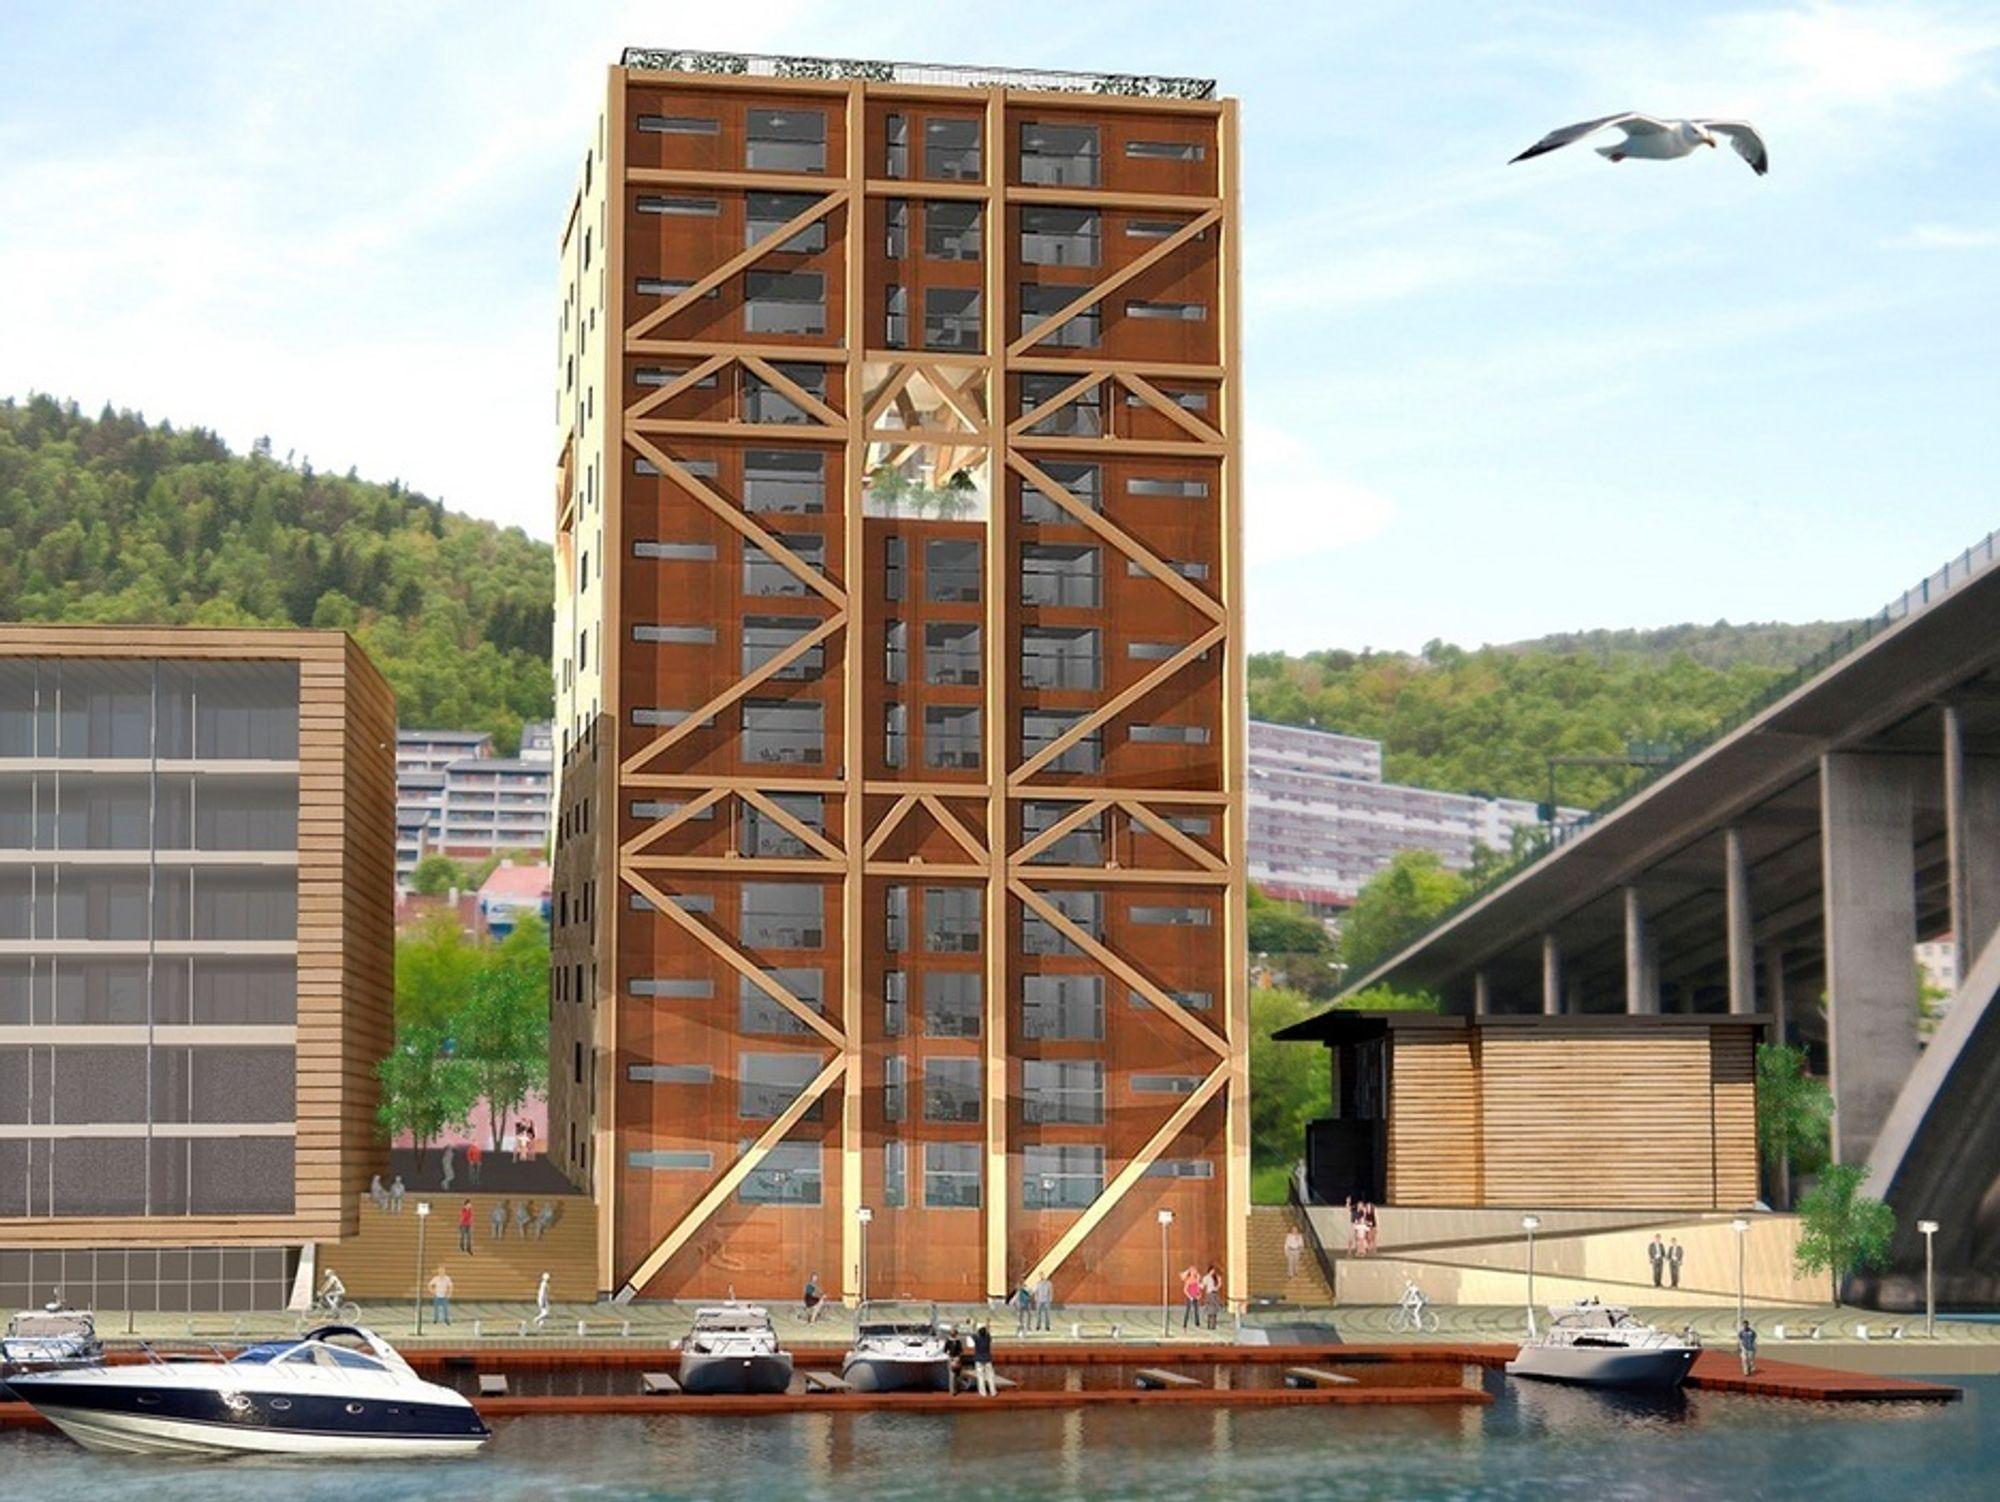 REKORD: Slik kan rekordhuset bli seende ut, men foreløpig er ikke endelig design ferdigstilt. Det bærende fagverket får en sentral plass i byggets design.